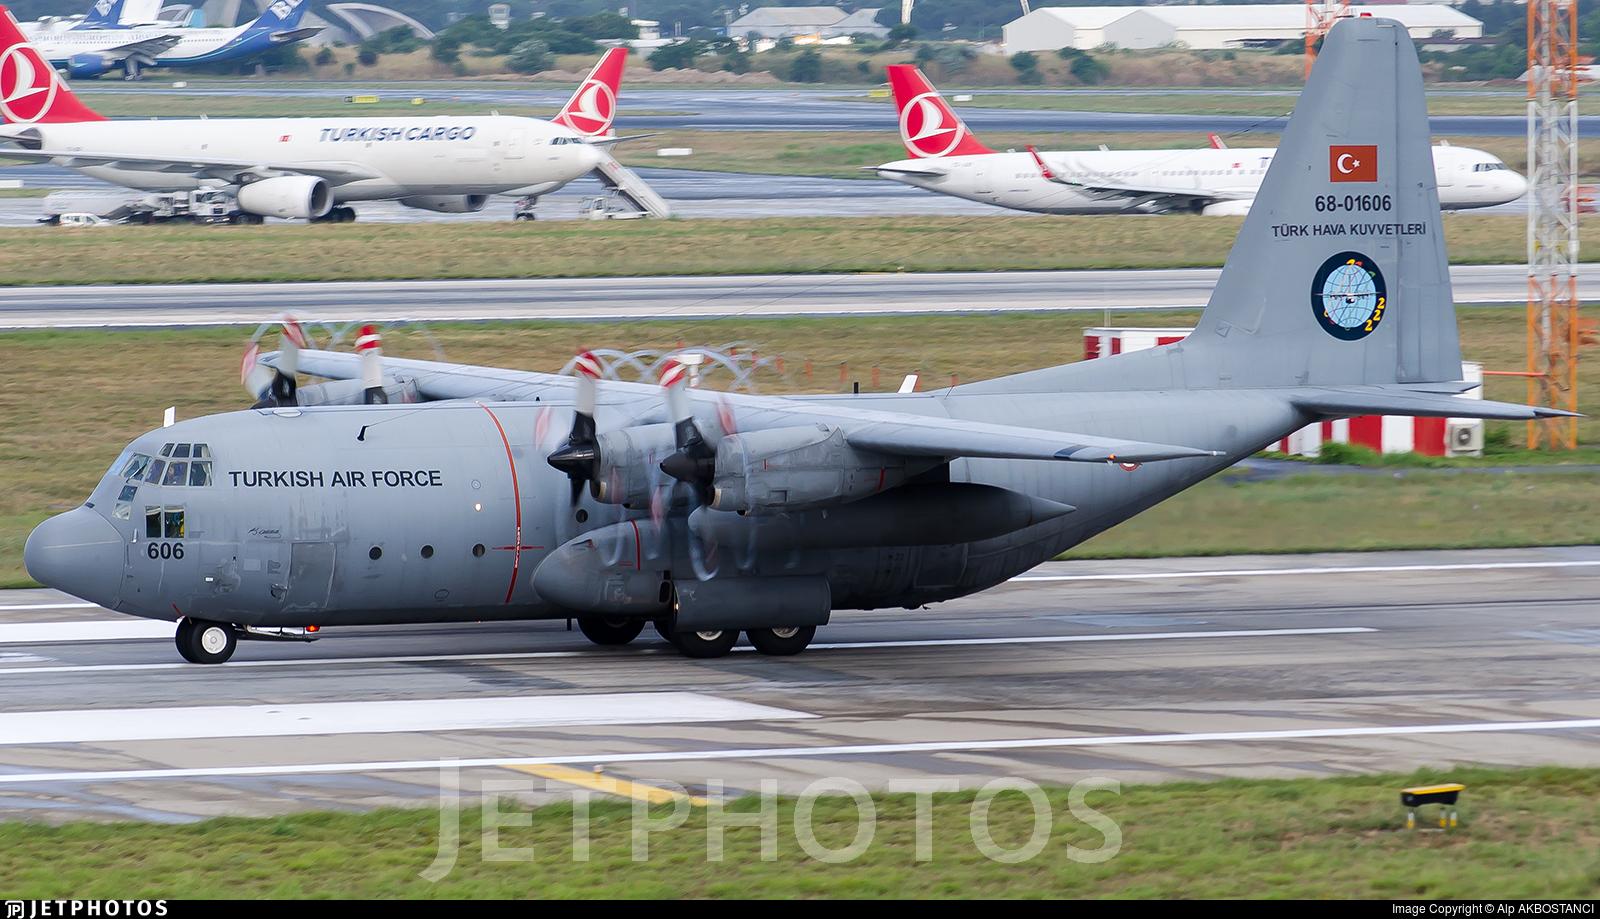 68-01606 - Lockheed C-130E Hercules - Turkey - Air Force